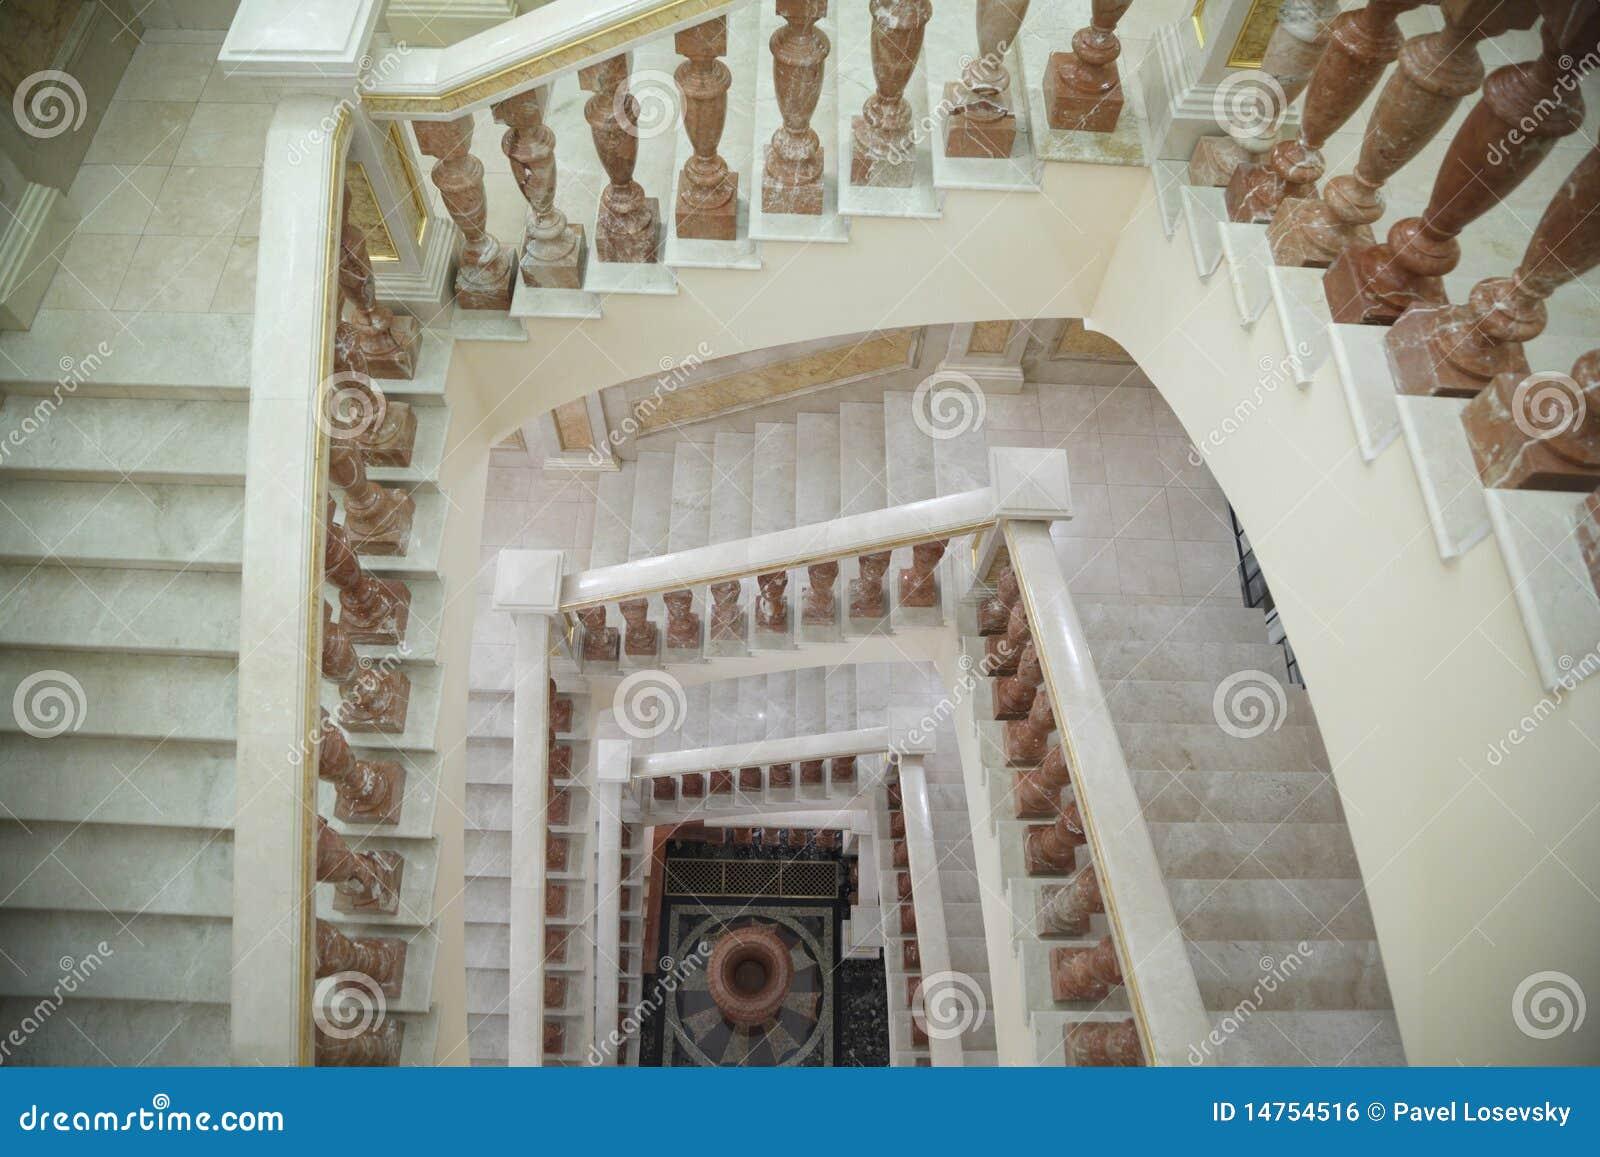 Witte cirkel marmeren trap met bruine tribune royalty vrije stock afbeelding afbeelding 14754516 - Decoratie gang ingang ...